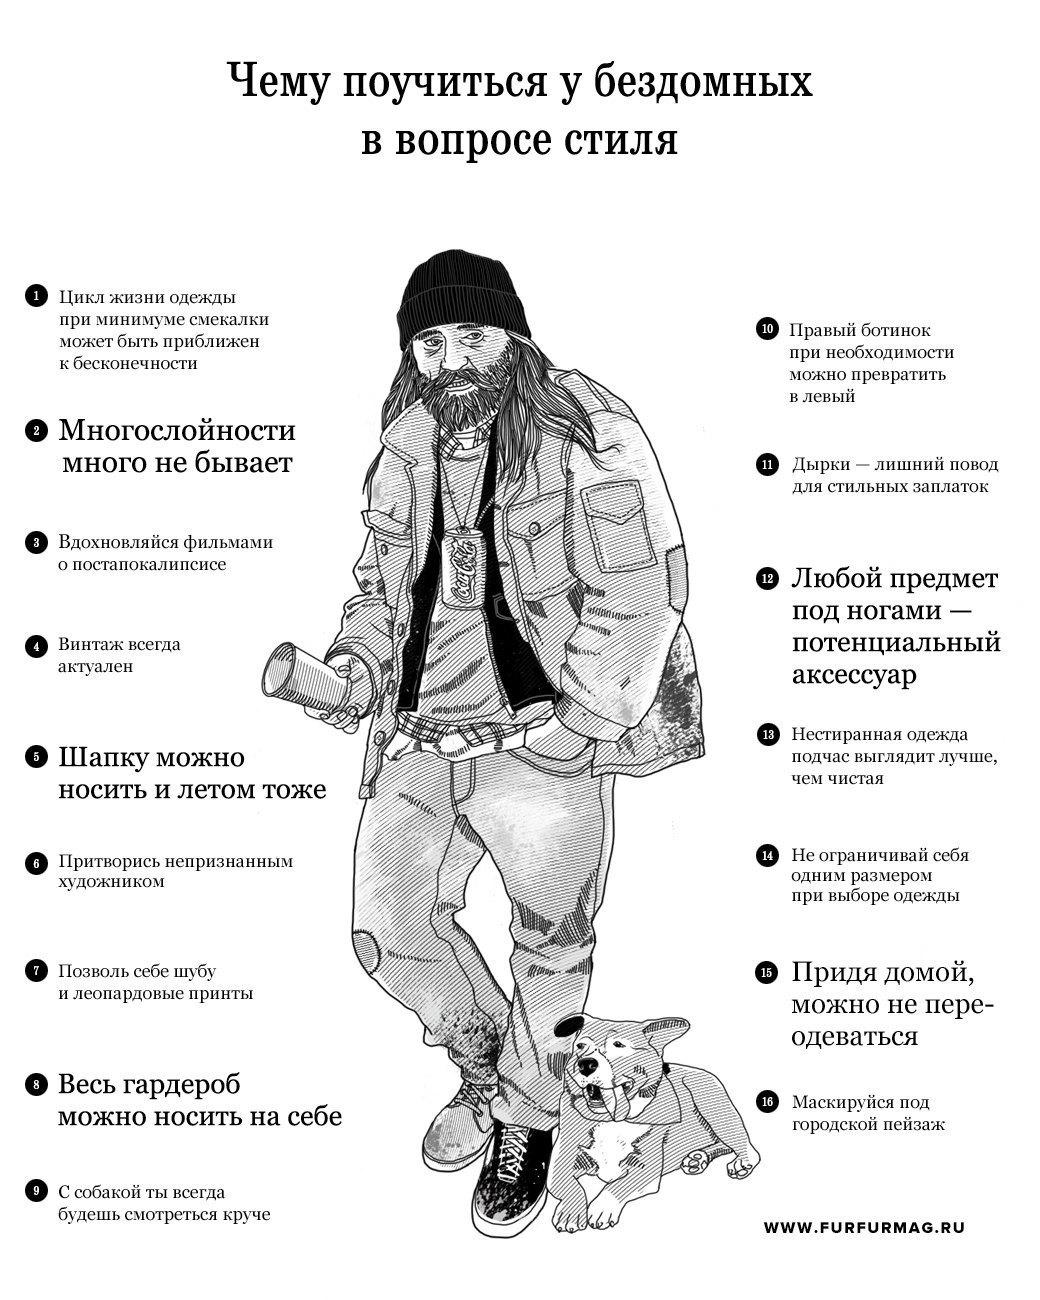 16 стильных приемов, которым стоит поучиться у бездомных. Изображение № 1.